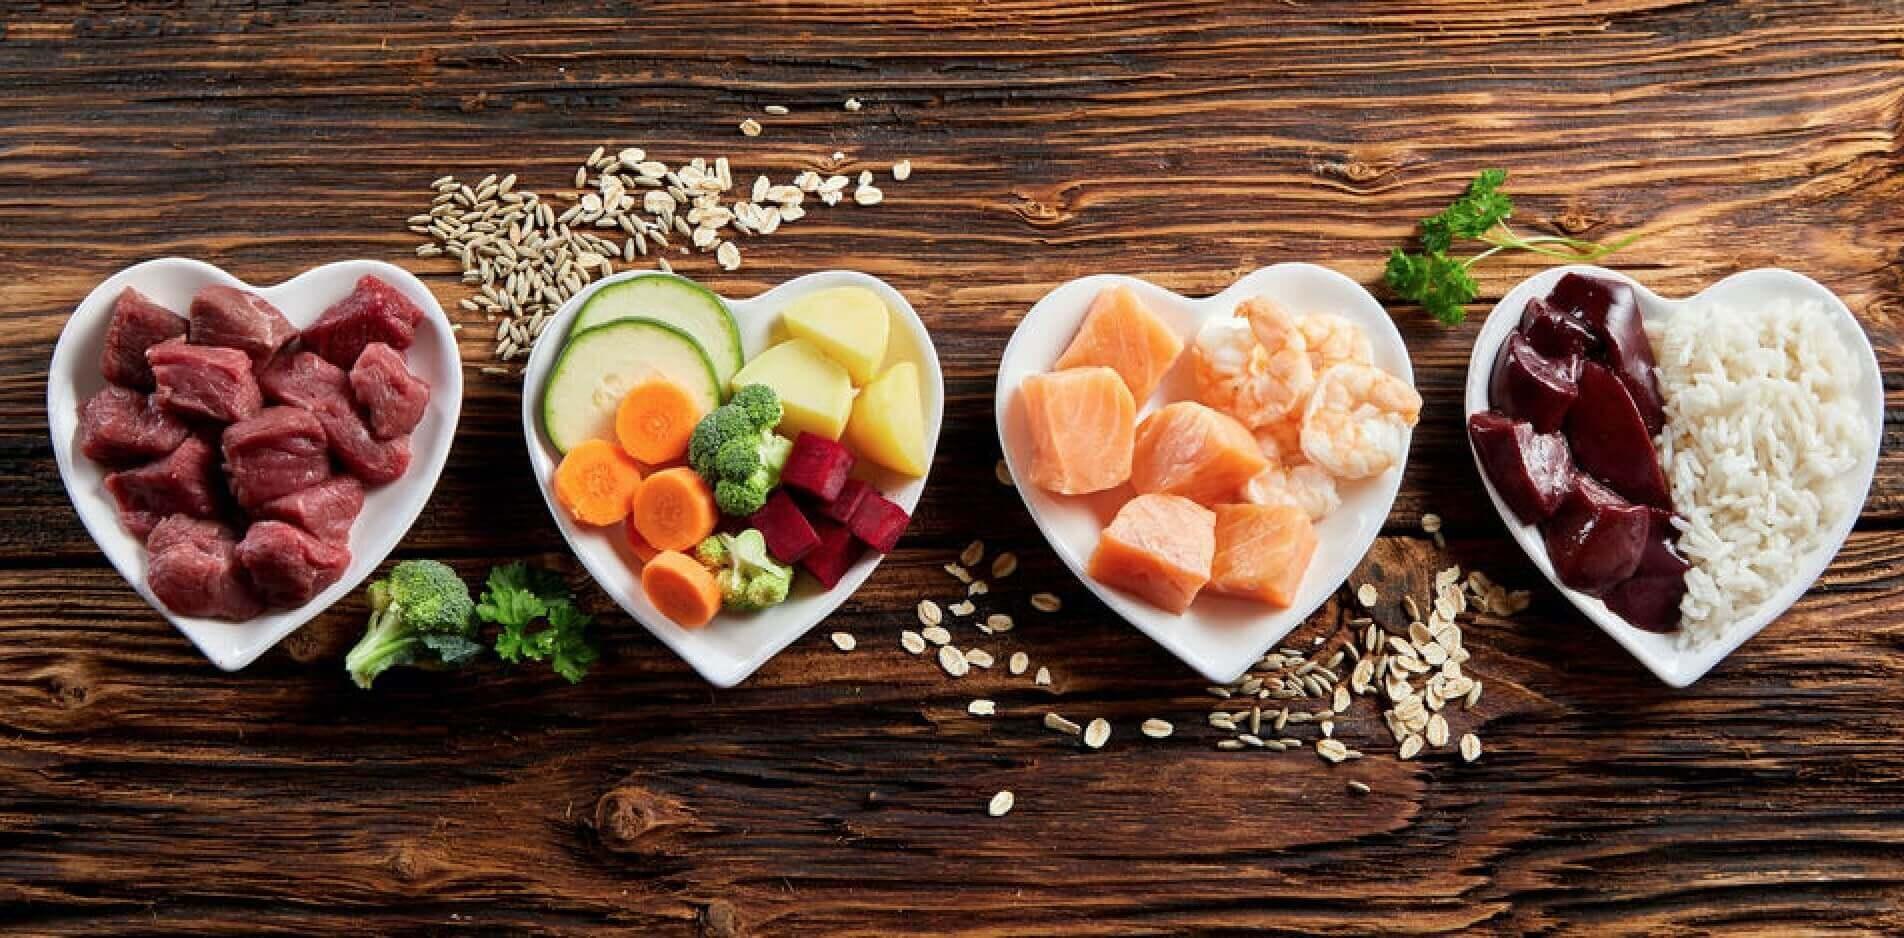 Alimentazione e dieta BARF per cani - Nutrizione del cane a base di carne cruda, ossa carnose, pesce crudo, organi, viscere, frutta e verdura 13